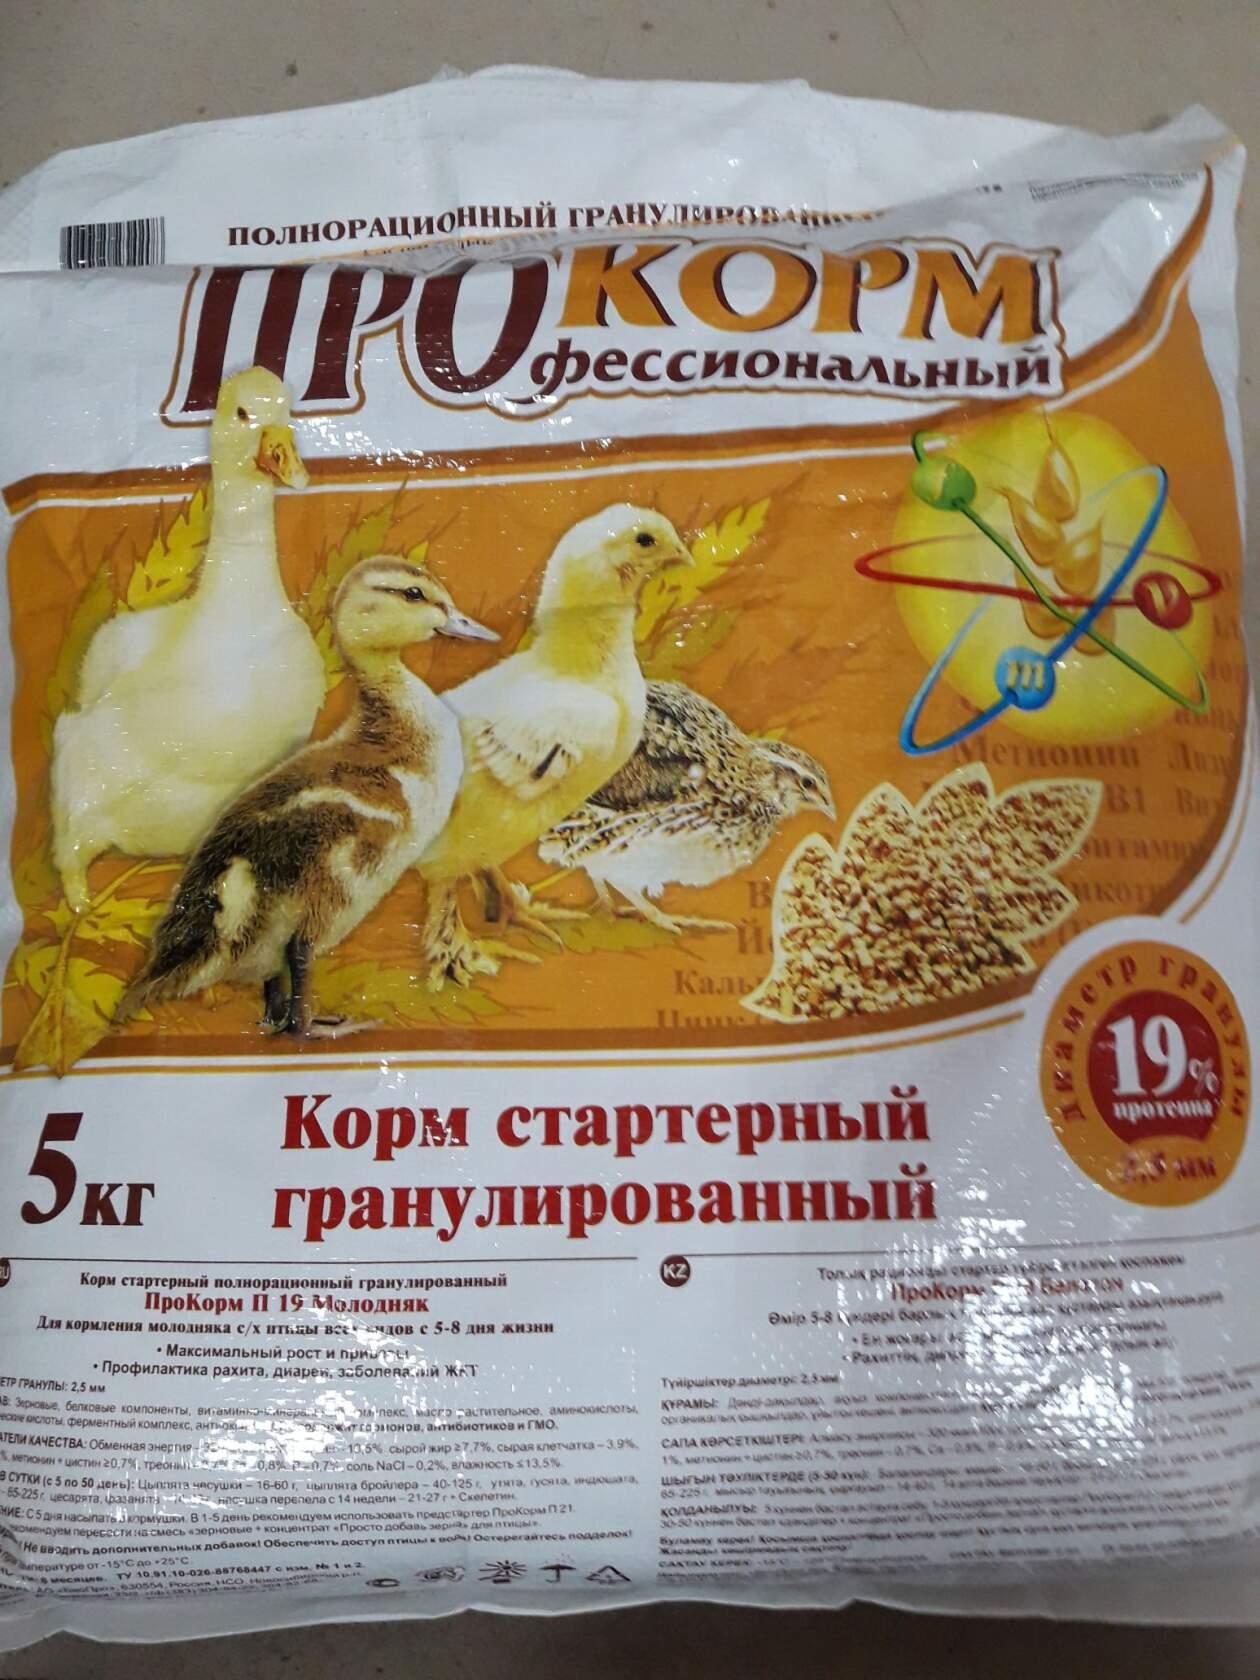 Максус g100 – антибиотик для орального применения. Дозировки для птиц и животных